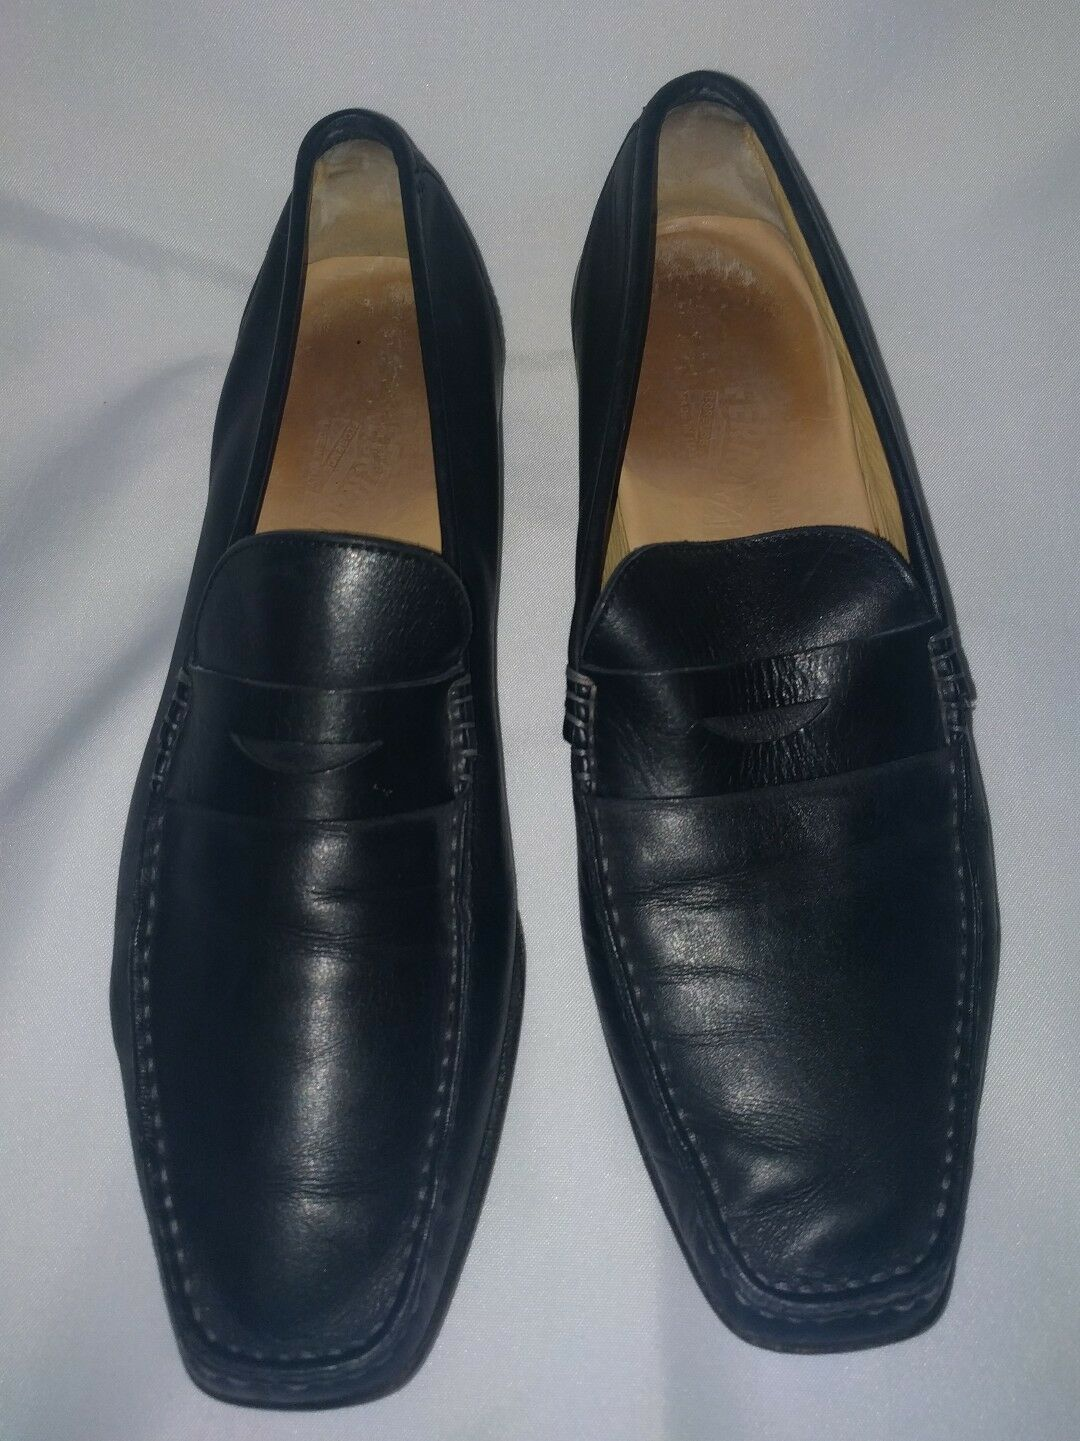 Salvatore Ferragamo Black Leather Mens 10 D Loafers shoes